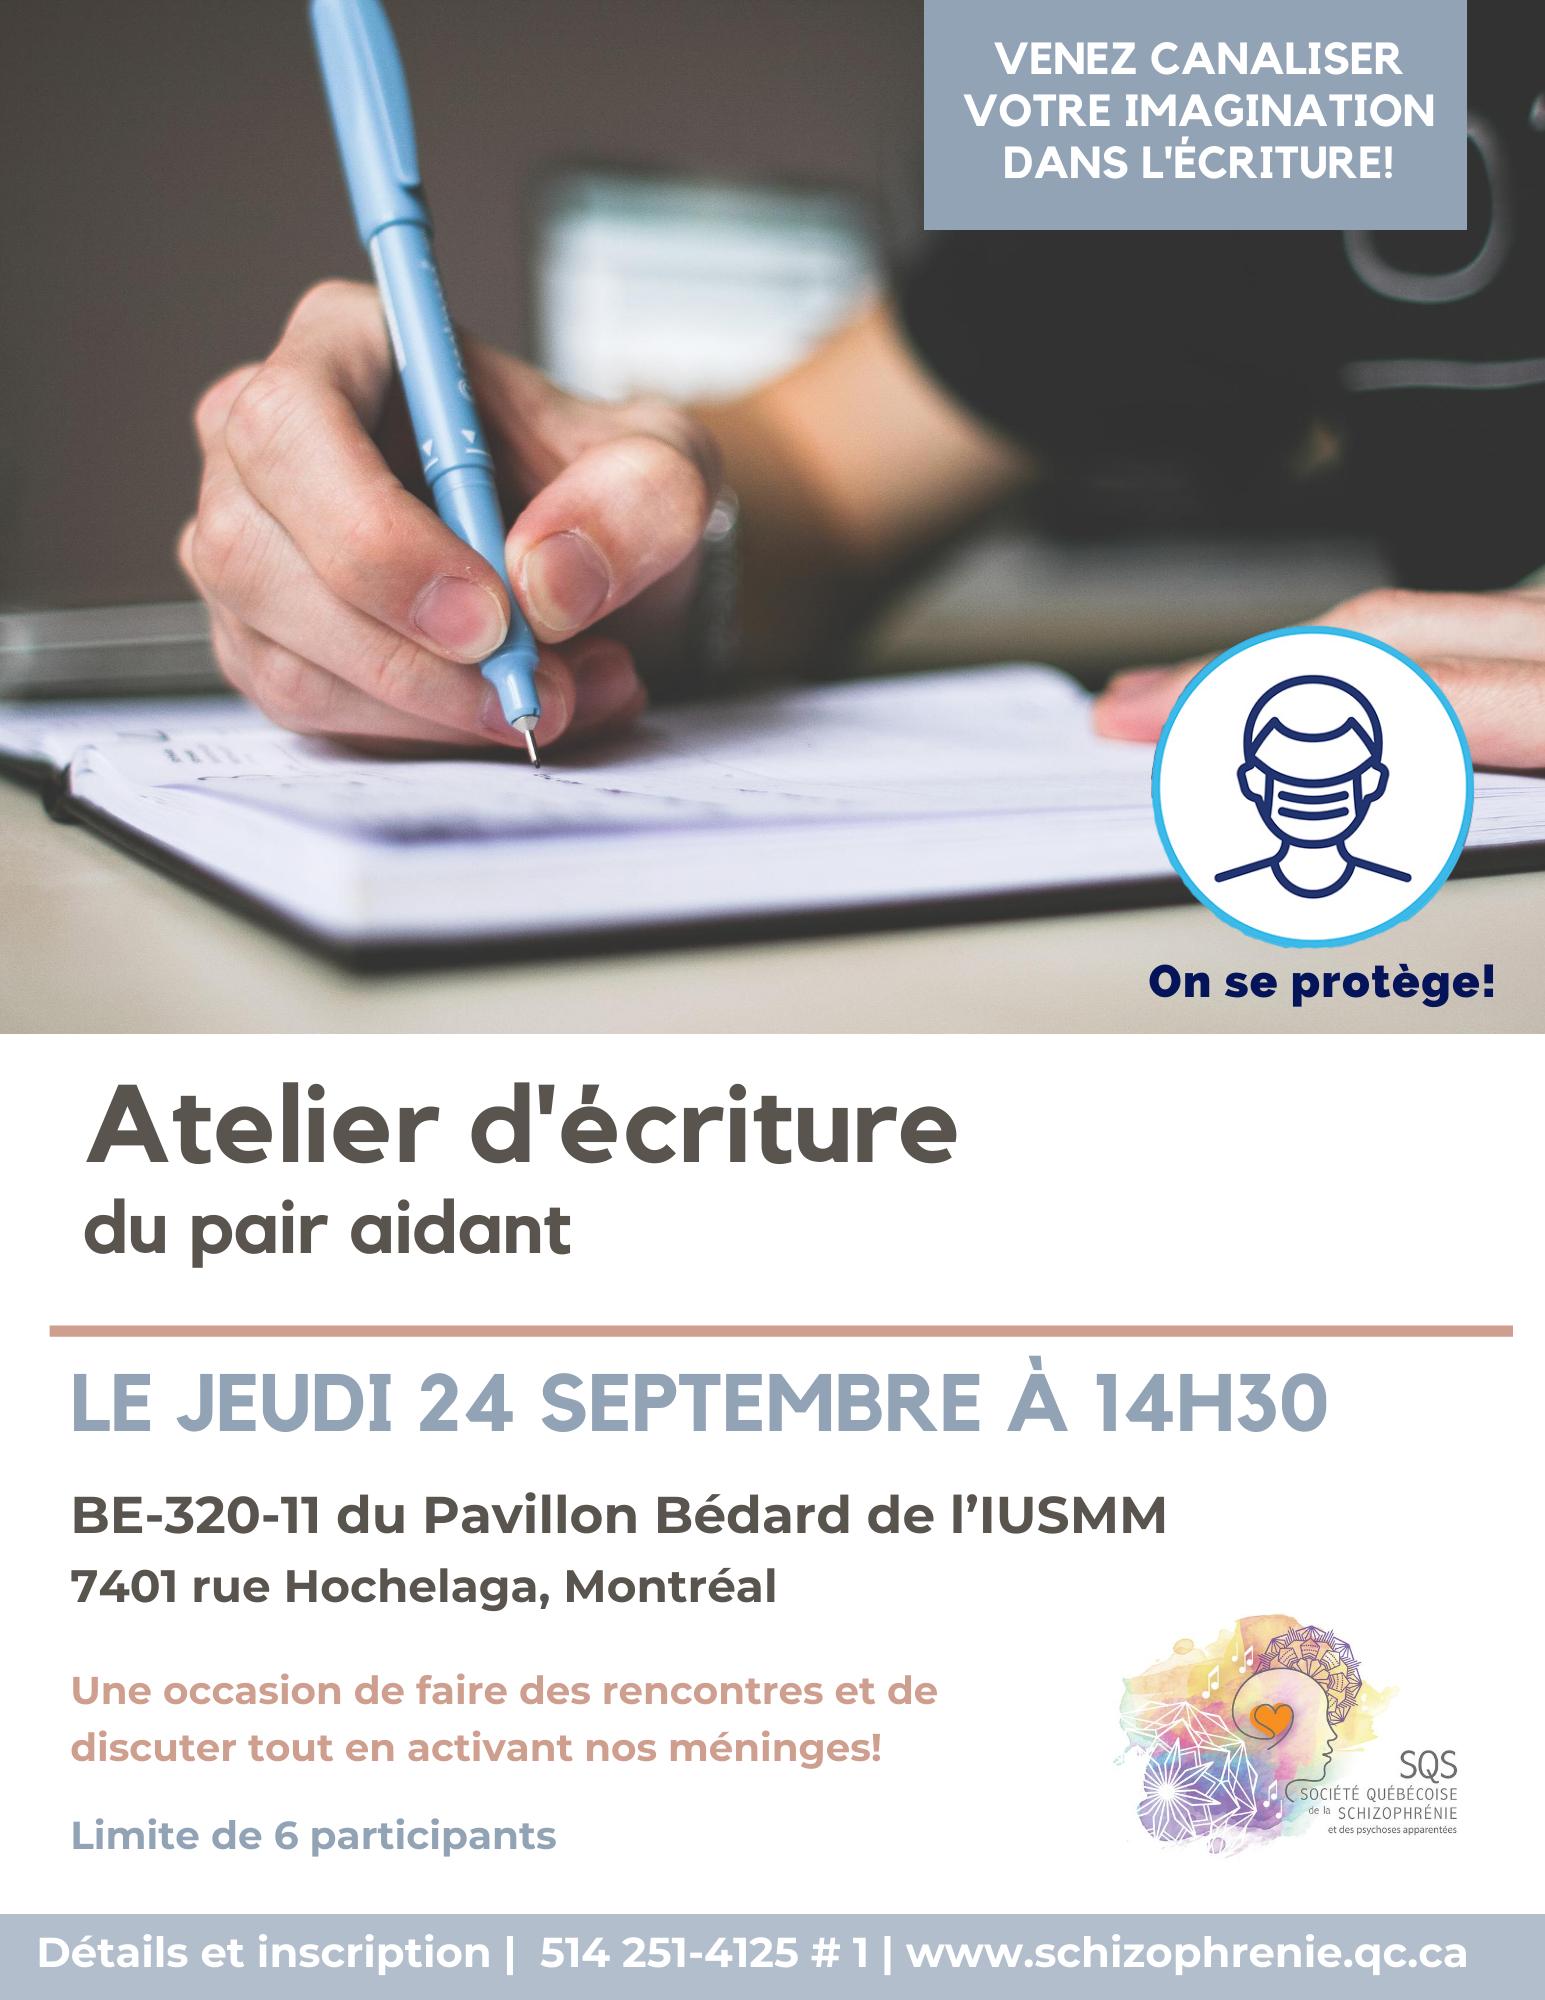 Atelier d'écriture - activités du pair aidant de septembre